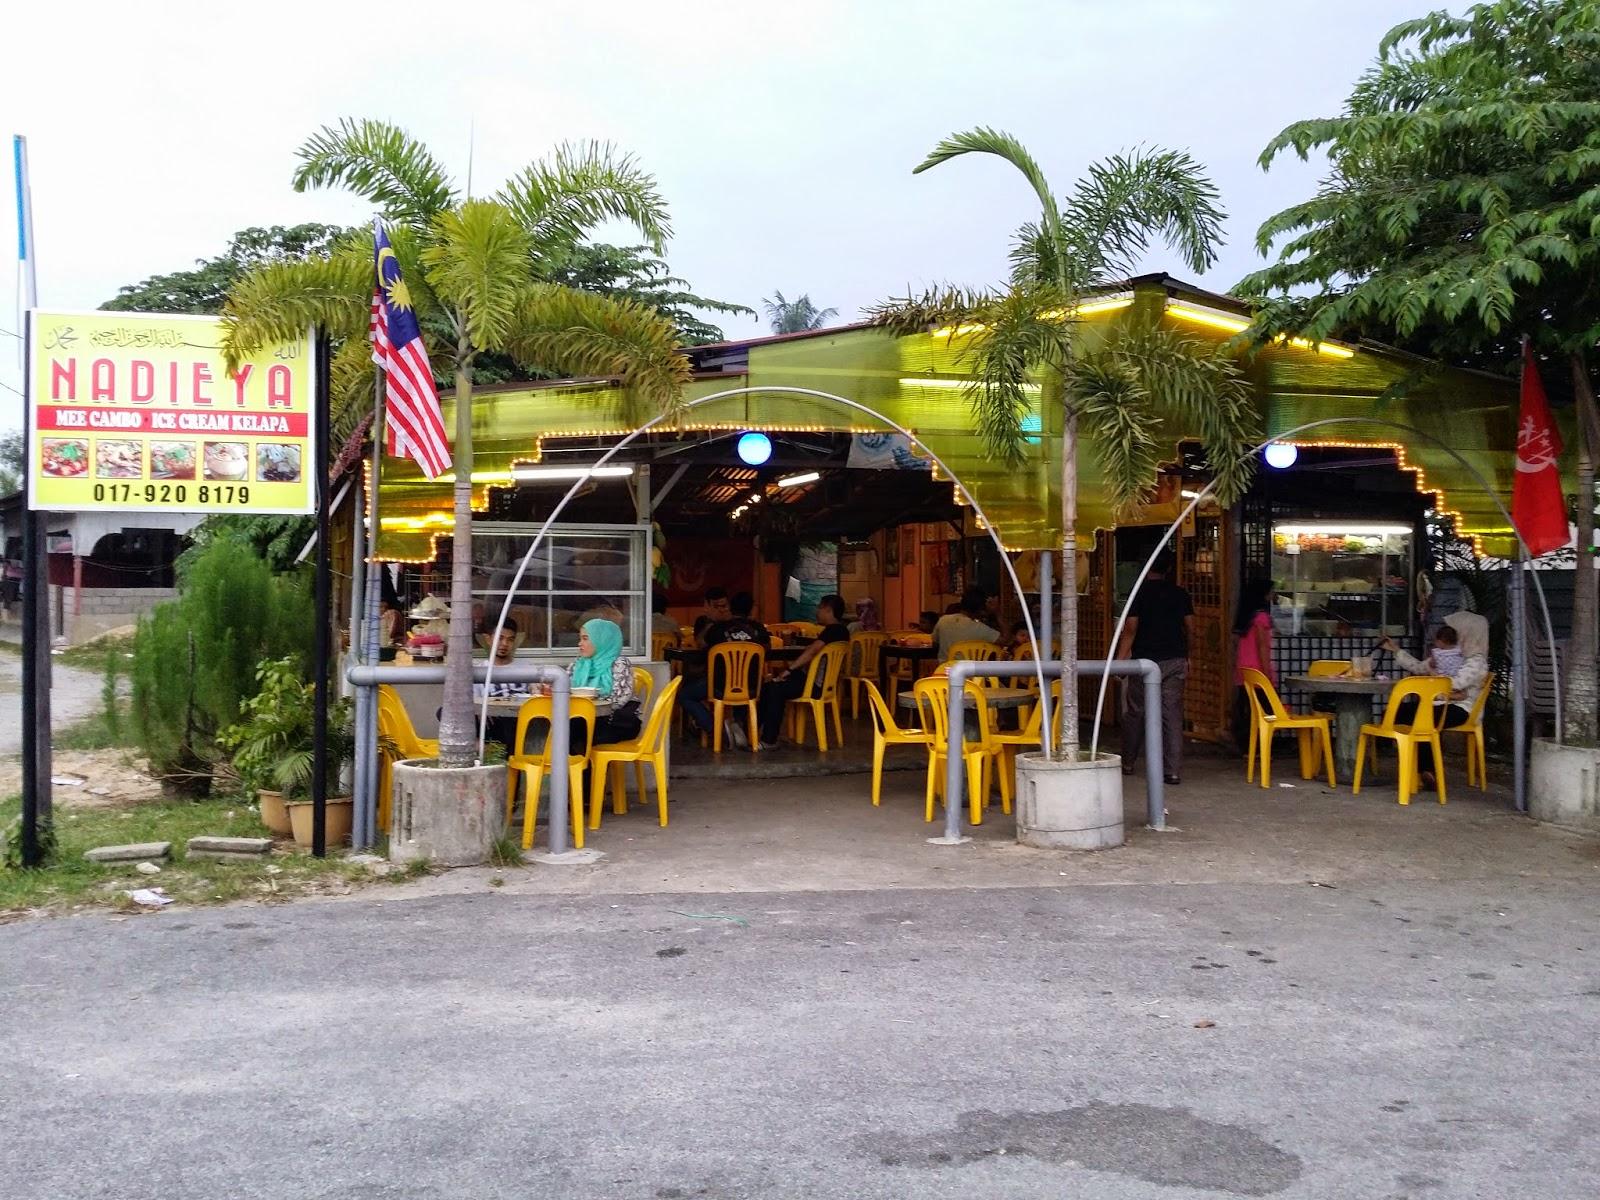 Ais Krim Kelapa di Wakaf Bharu, aiskrim nyuir di kelantan, aiskrim kelapa, ais krim kelapa, restoran nadieya, aiskrim nyiur,